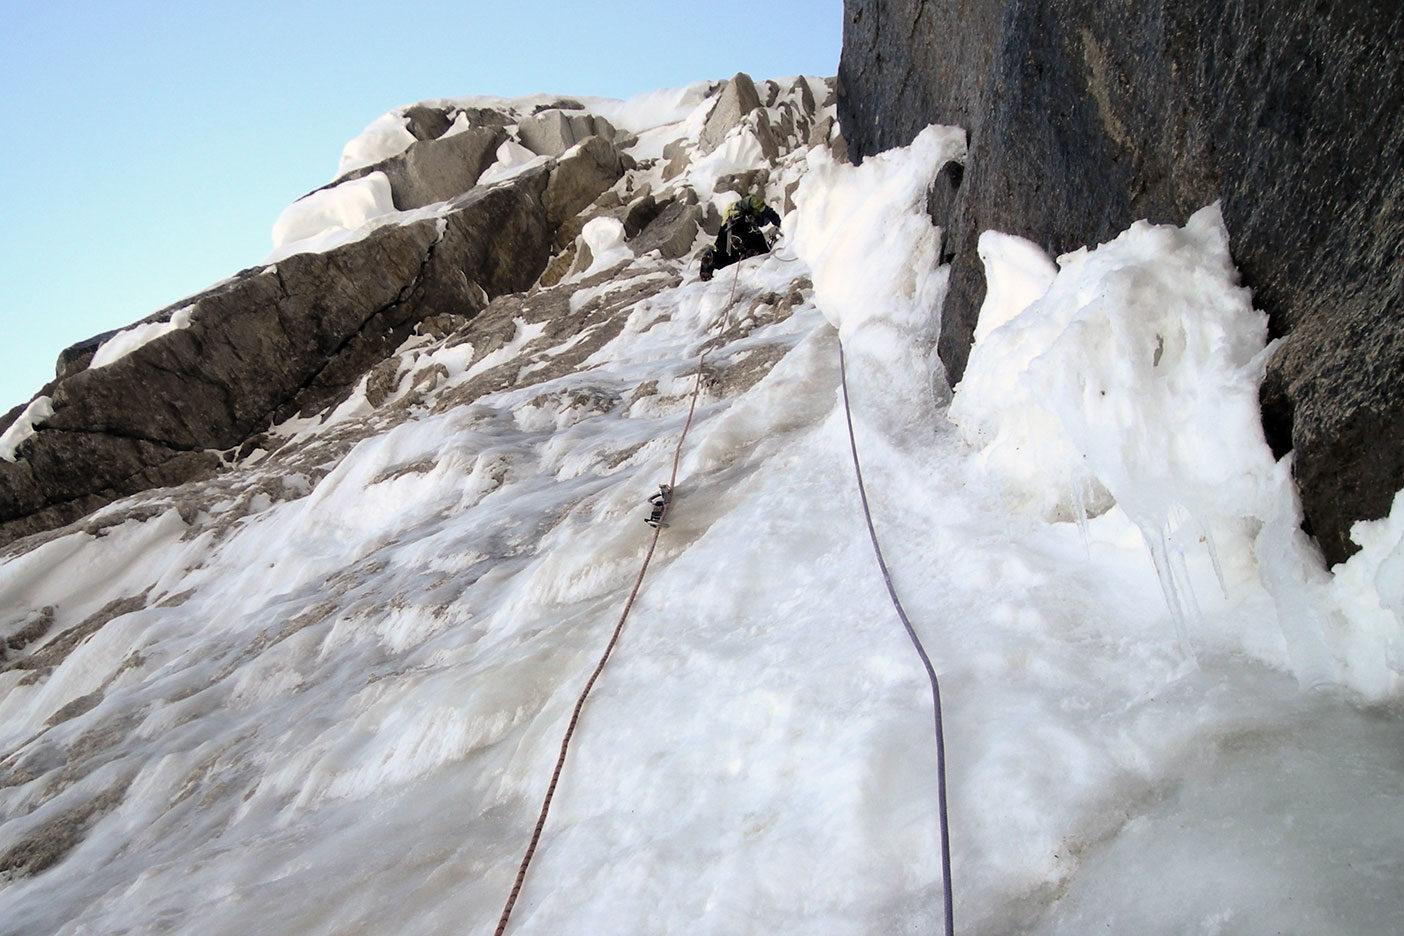 アラスカルース氷河でのクライミング photo: kei taniguchi